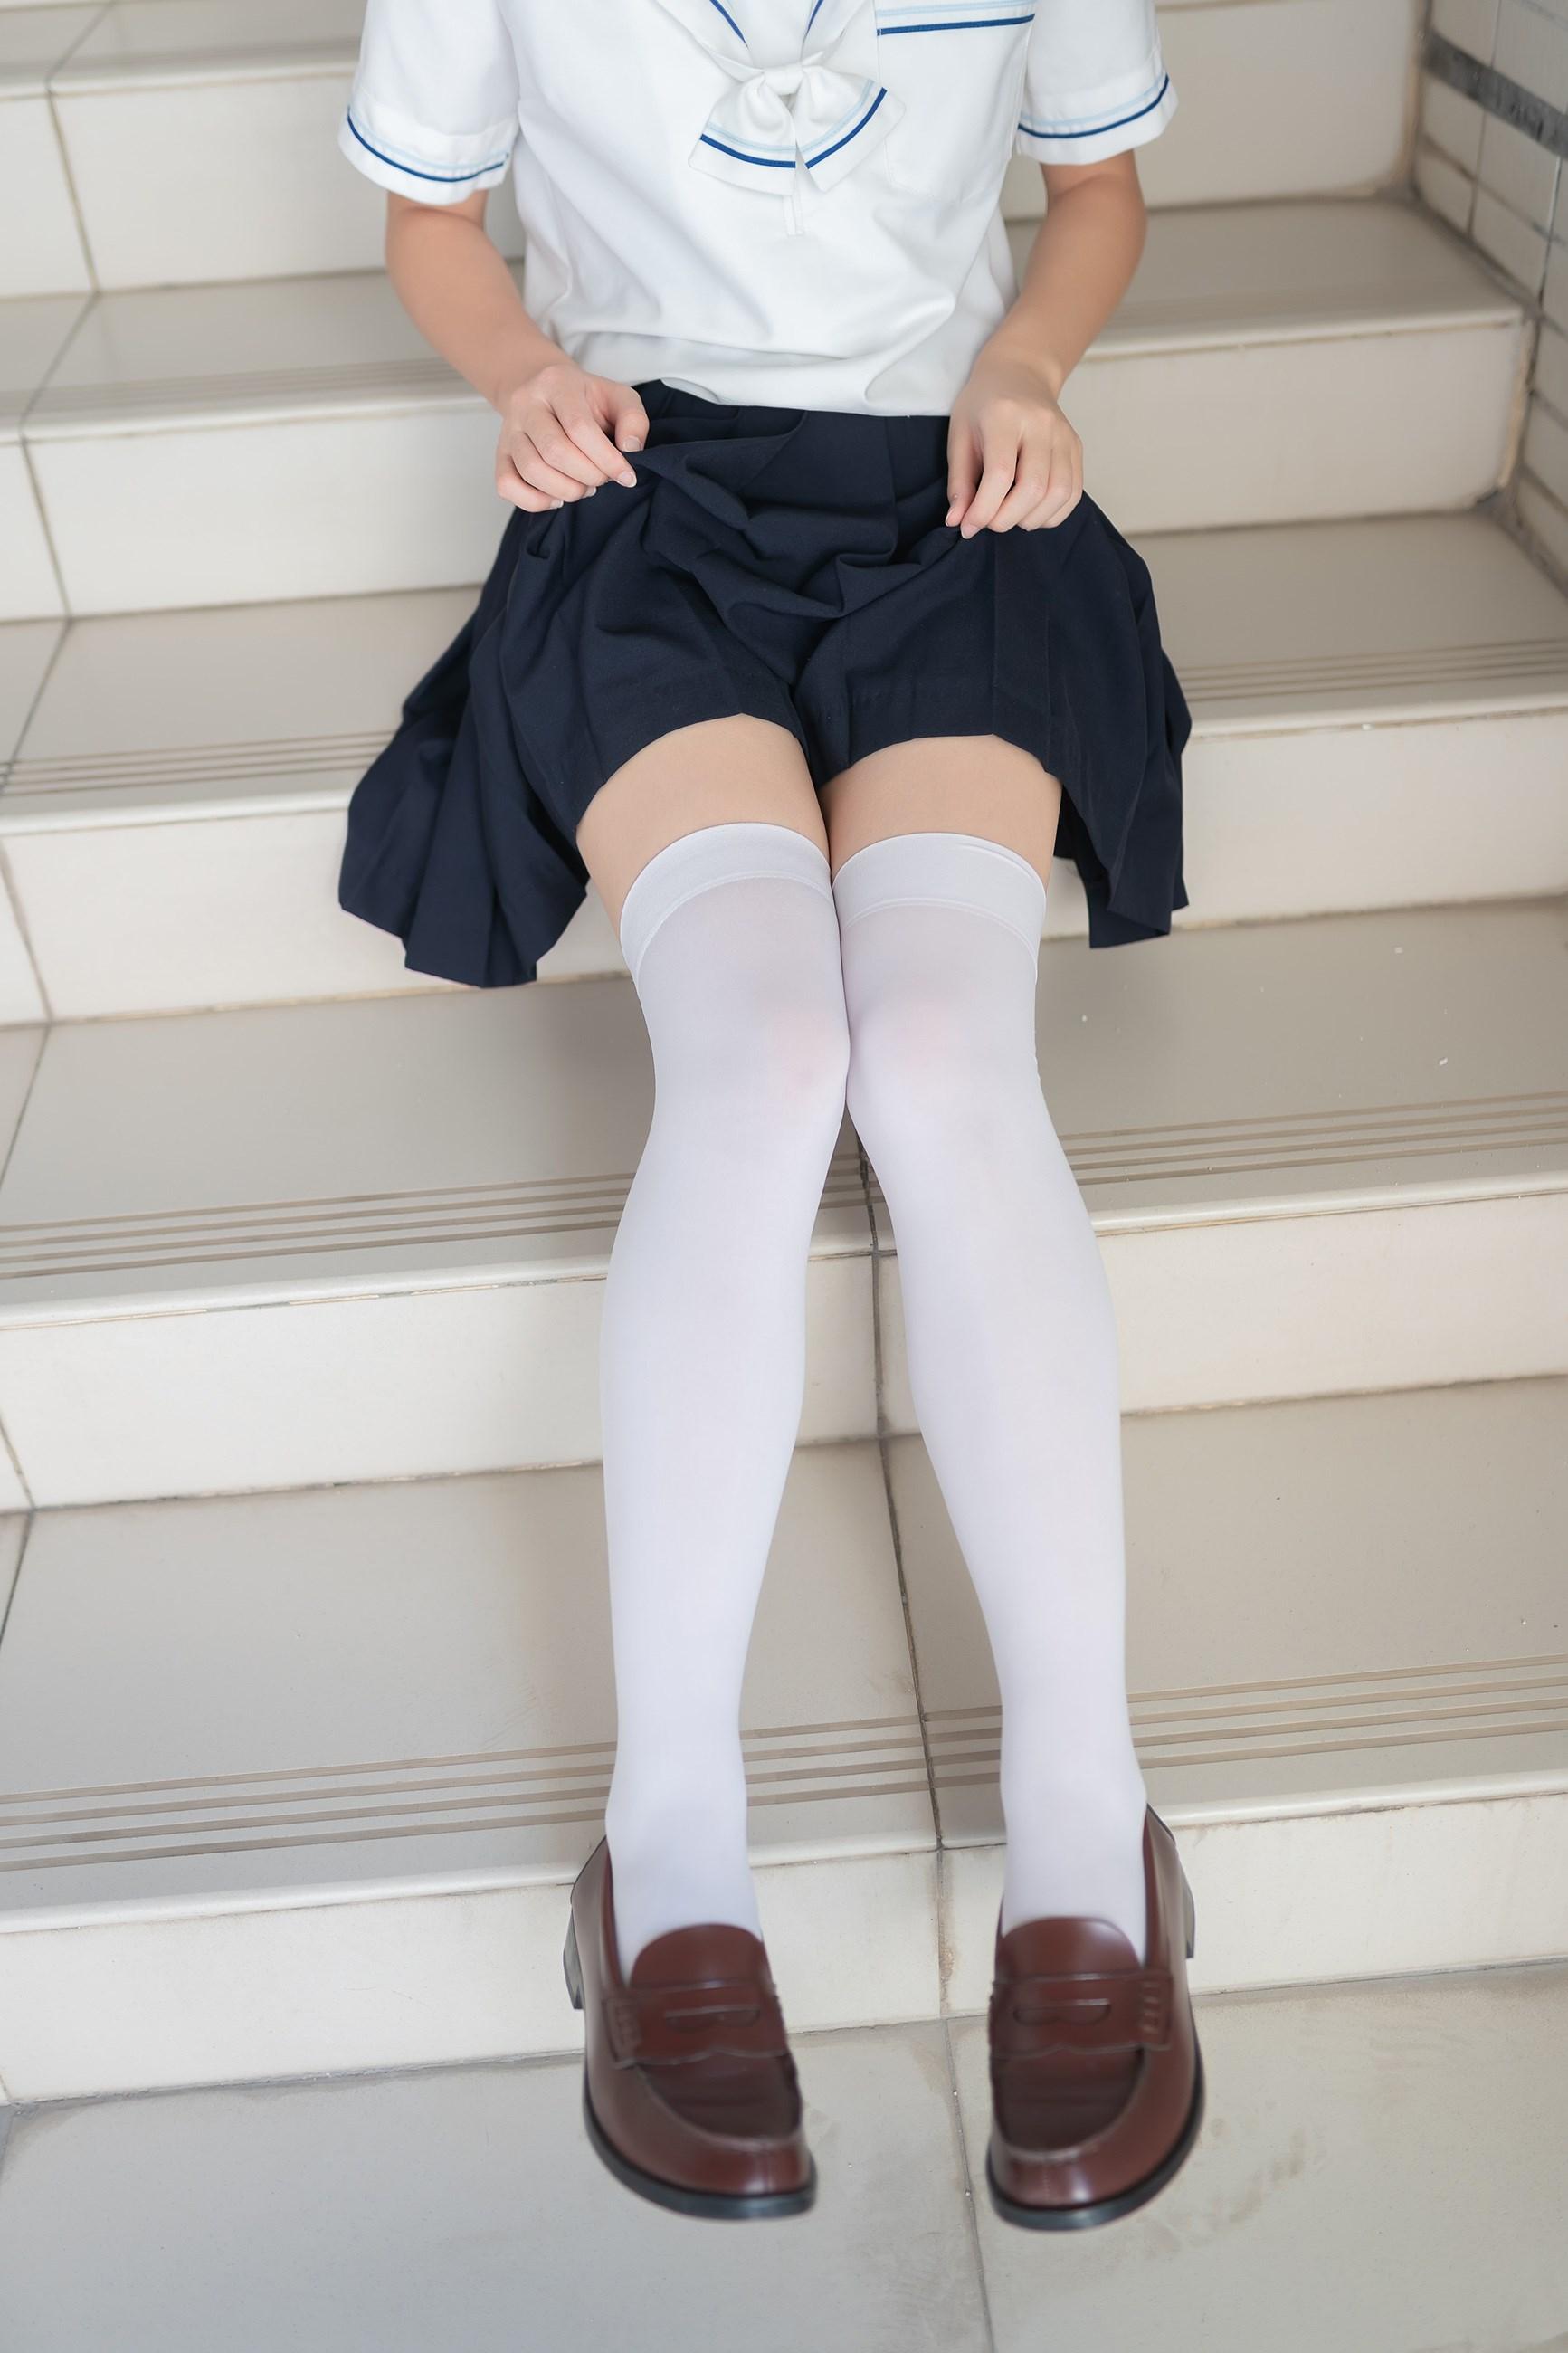 【兔玩映画】楼梯上的白丝少女 兔玩映画 第17张